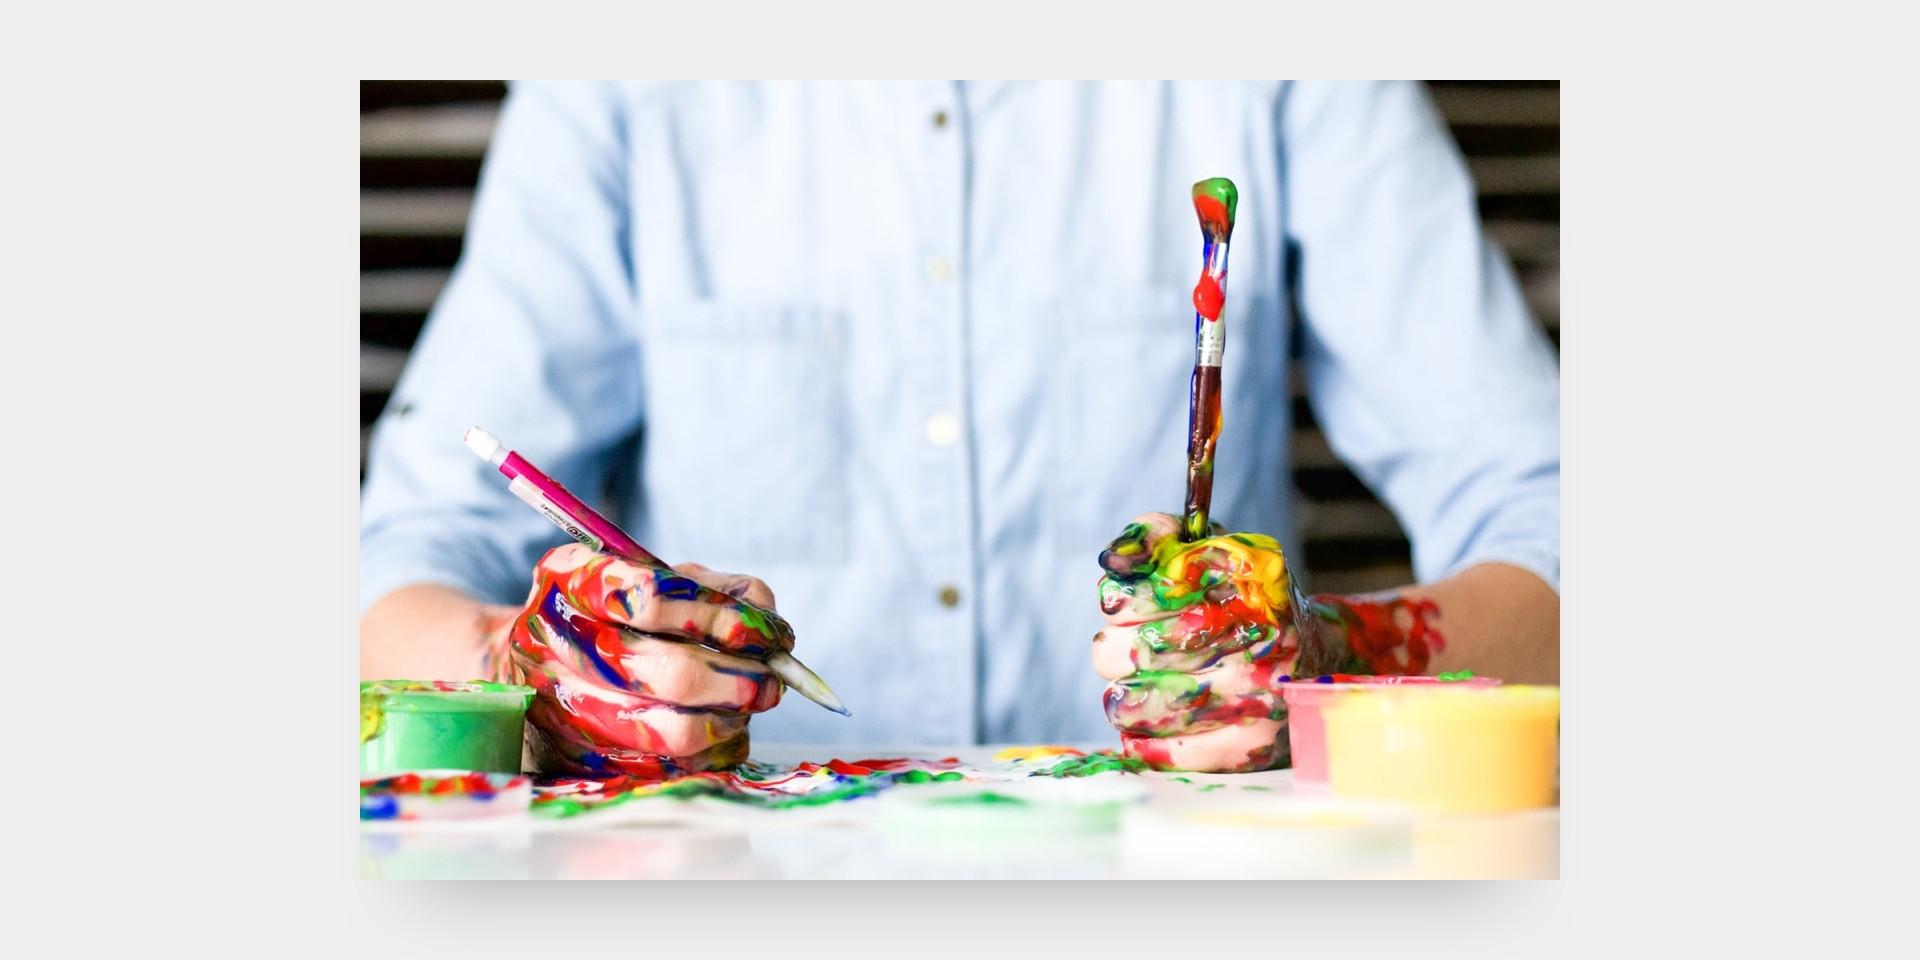 Bricoler peinturer enfants relâche - Les Rivières